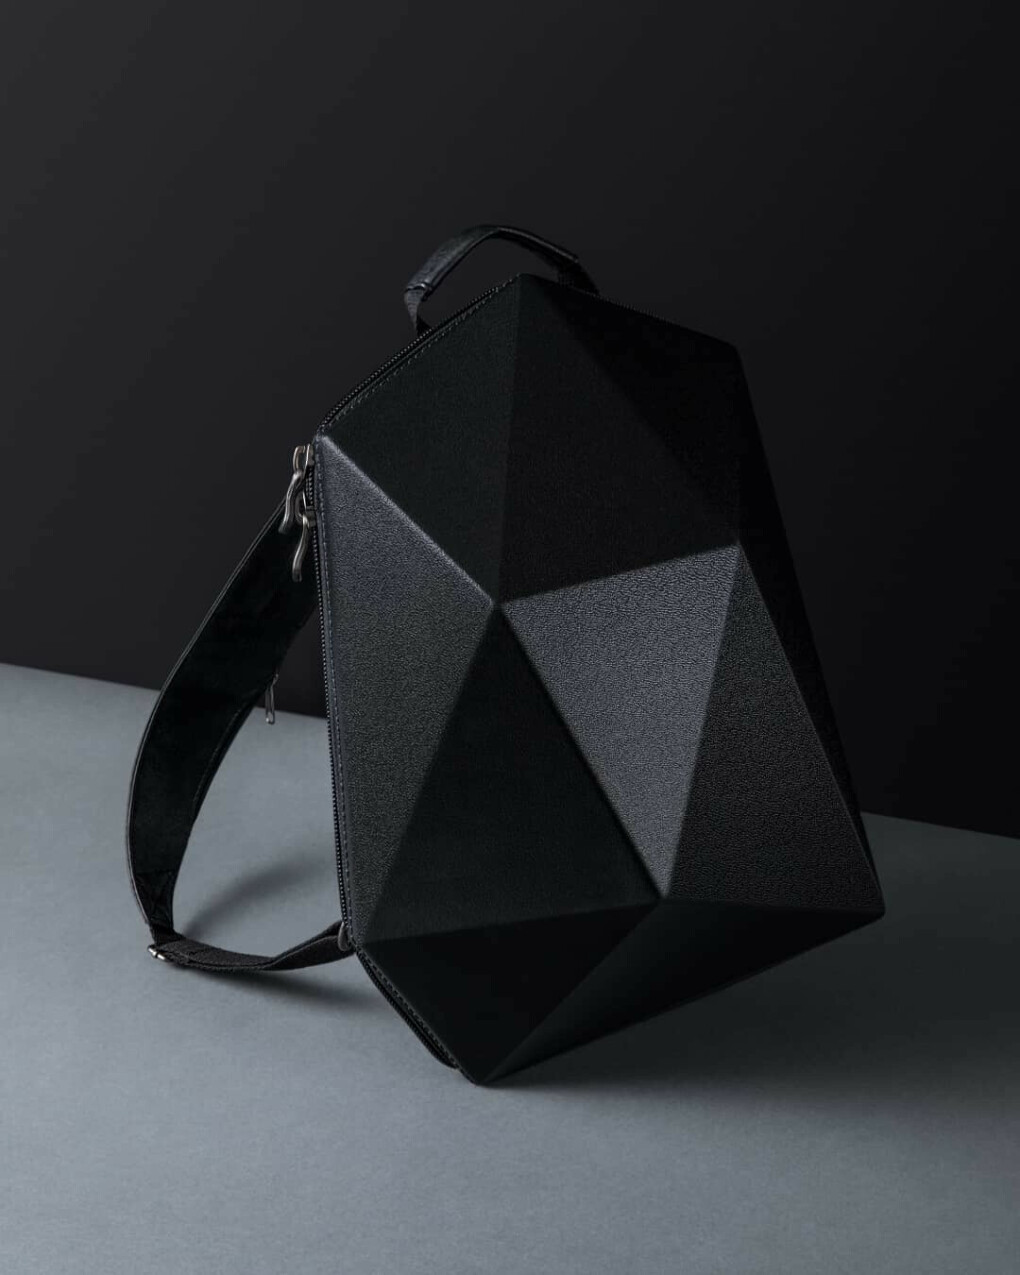 """CVG Shape (City Vagabond) on Instagram: """"А мы обновили наш рюкзак ???? Теперь, если вы хотите разнообразить цвет или если твердая часть рюкзака потерлась со временем, вы можете…"""""""